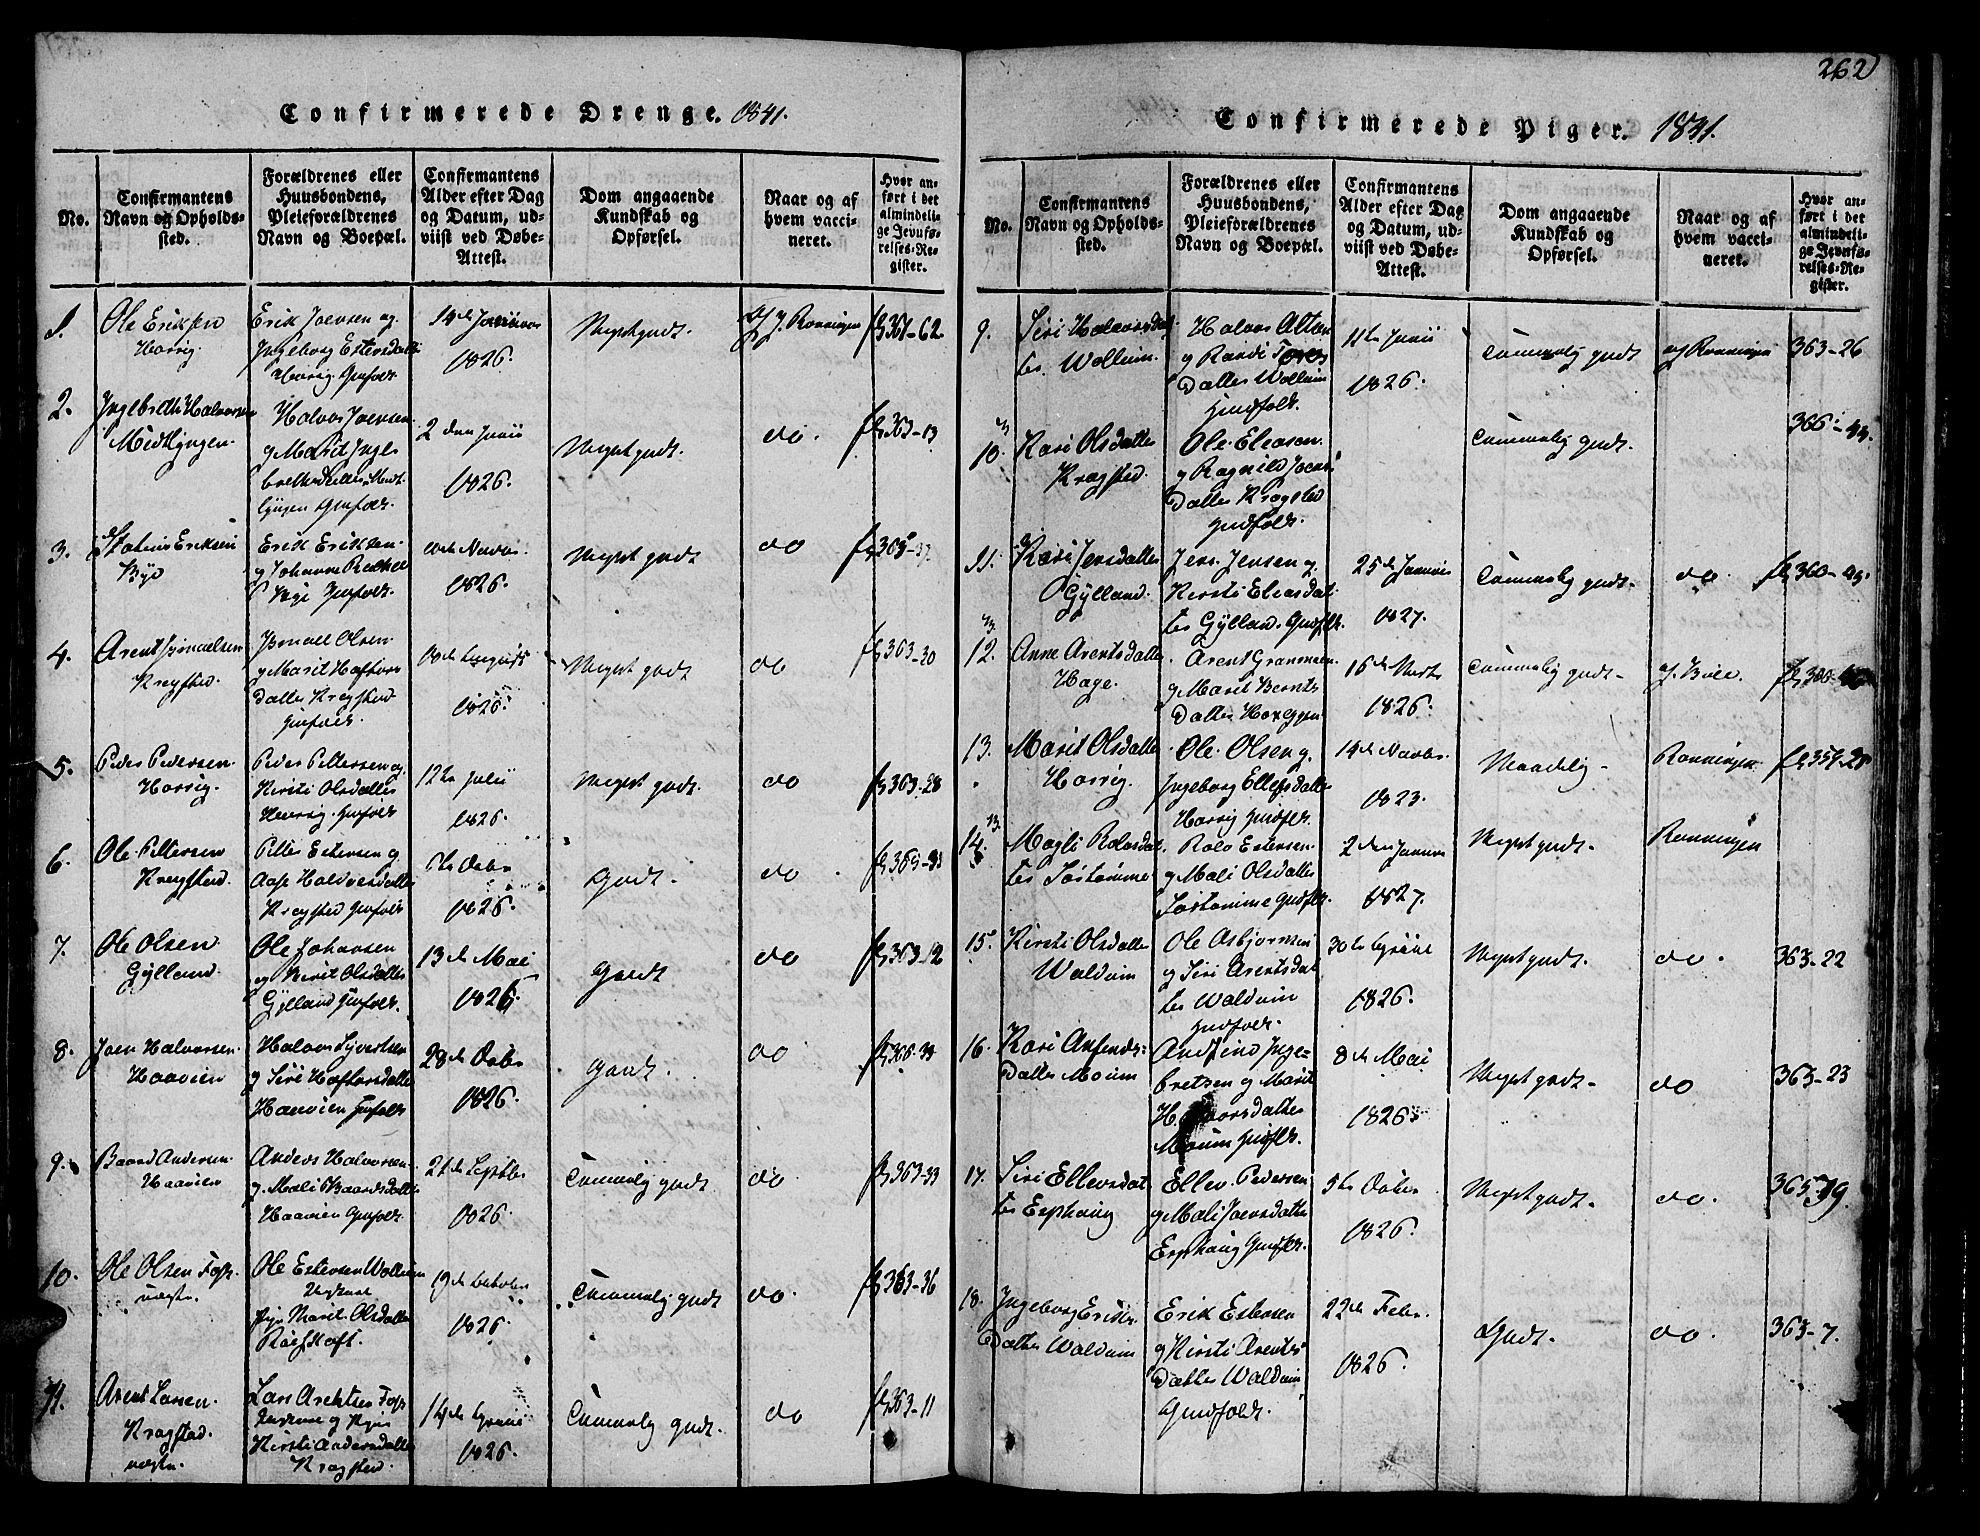 SAT, Ministerialprotokoller, klokkerbøker og fødselsregistre - Sør-Trøndelag, 692/L1102: Ministerialbok nr. 692A02, 1816-1842, s. 262